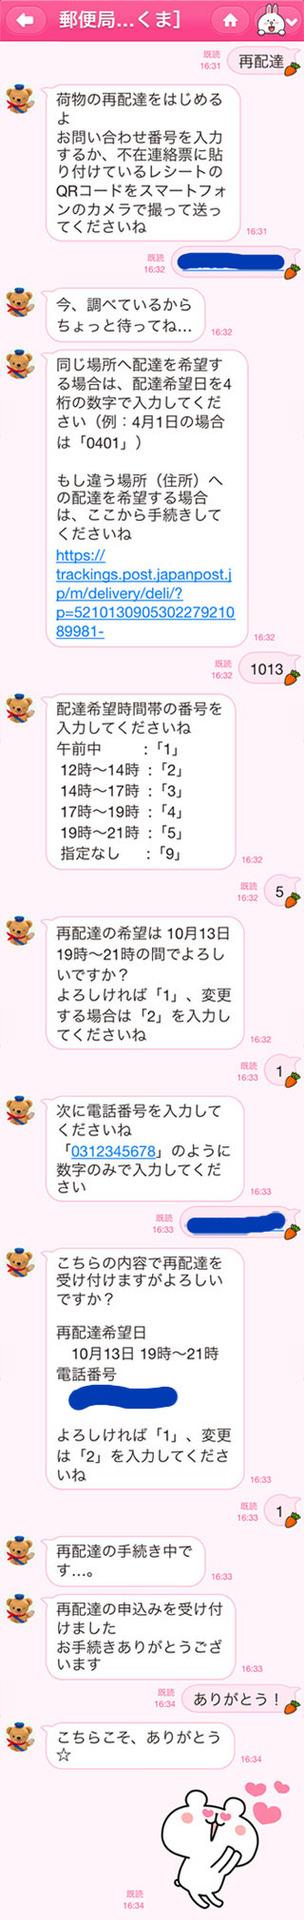 ぽすくま郵便局の再配達.jpg